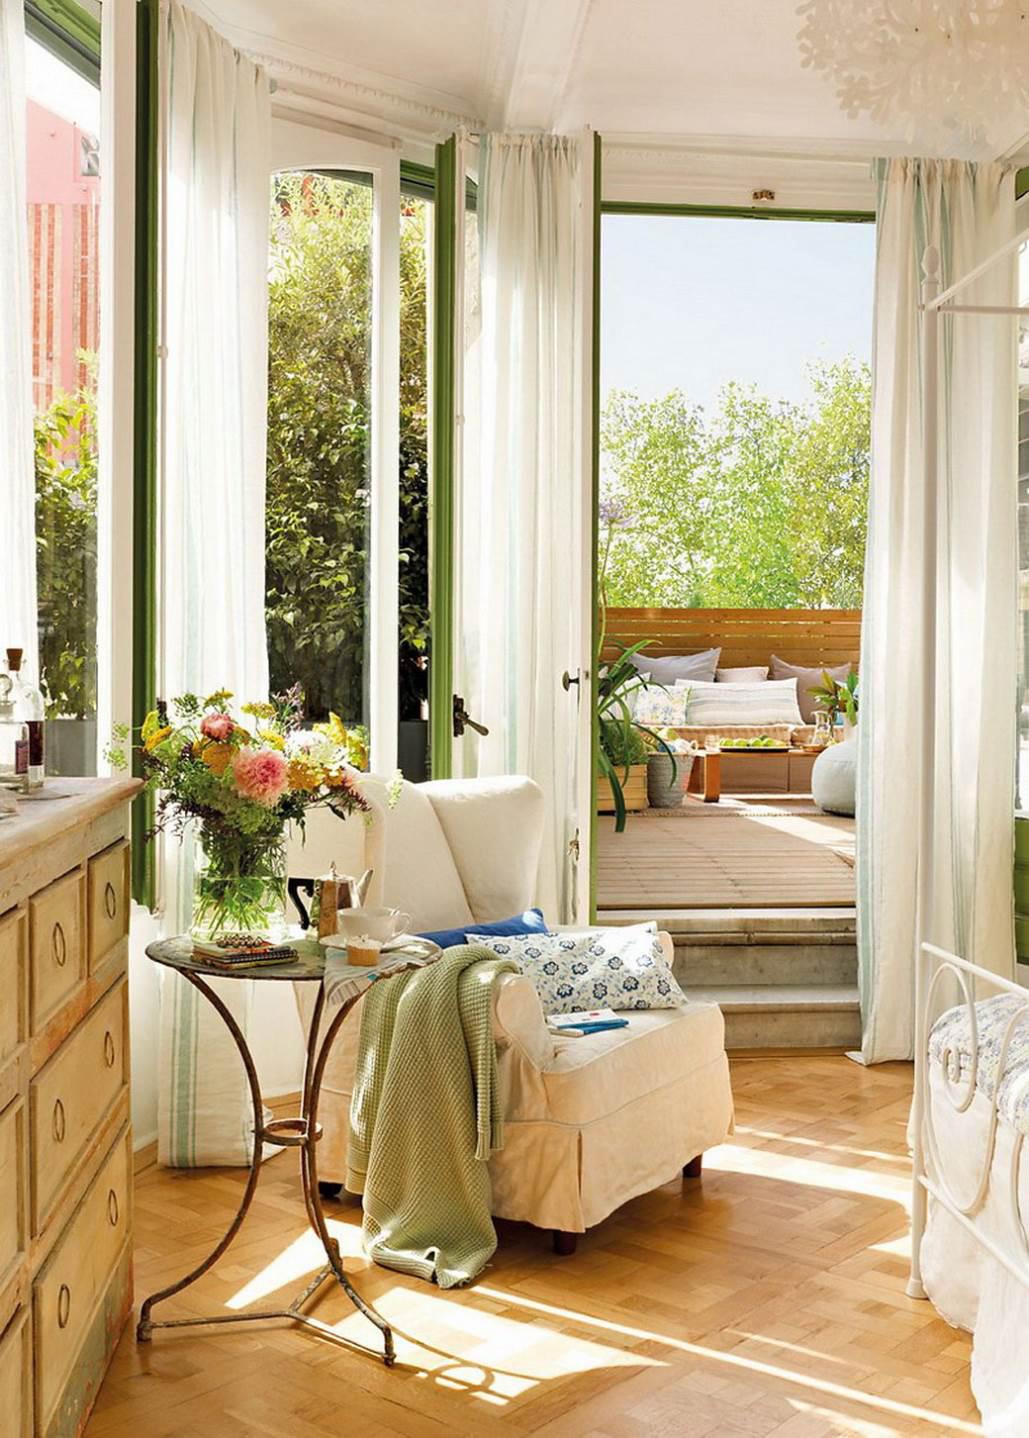 Spring decorating ideas spring home decor design ideas - Spring living room decorating ideas ...